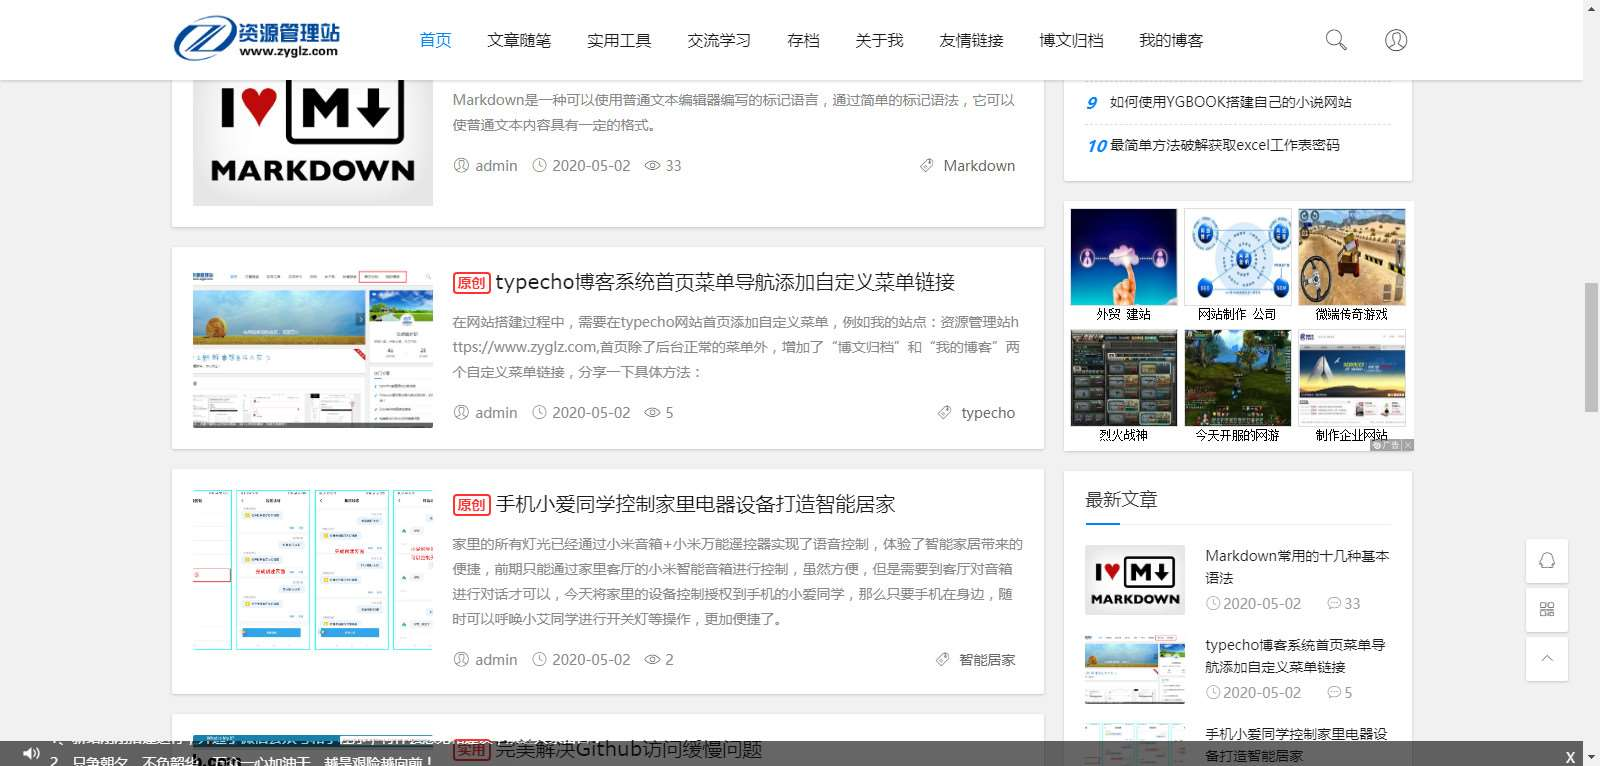 Typecho博客个人网站申请添加和投放百度联盟广告